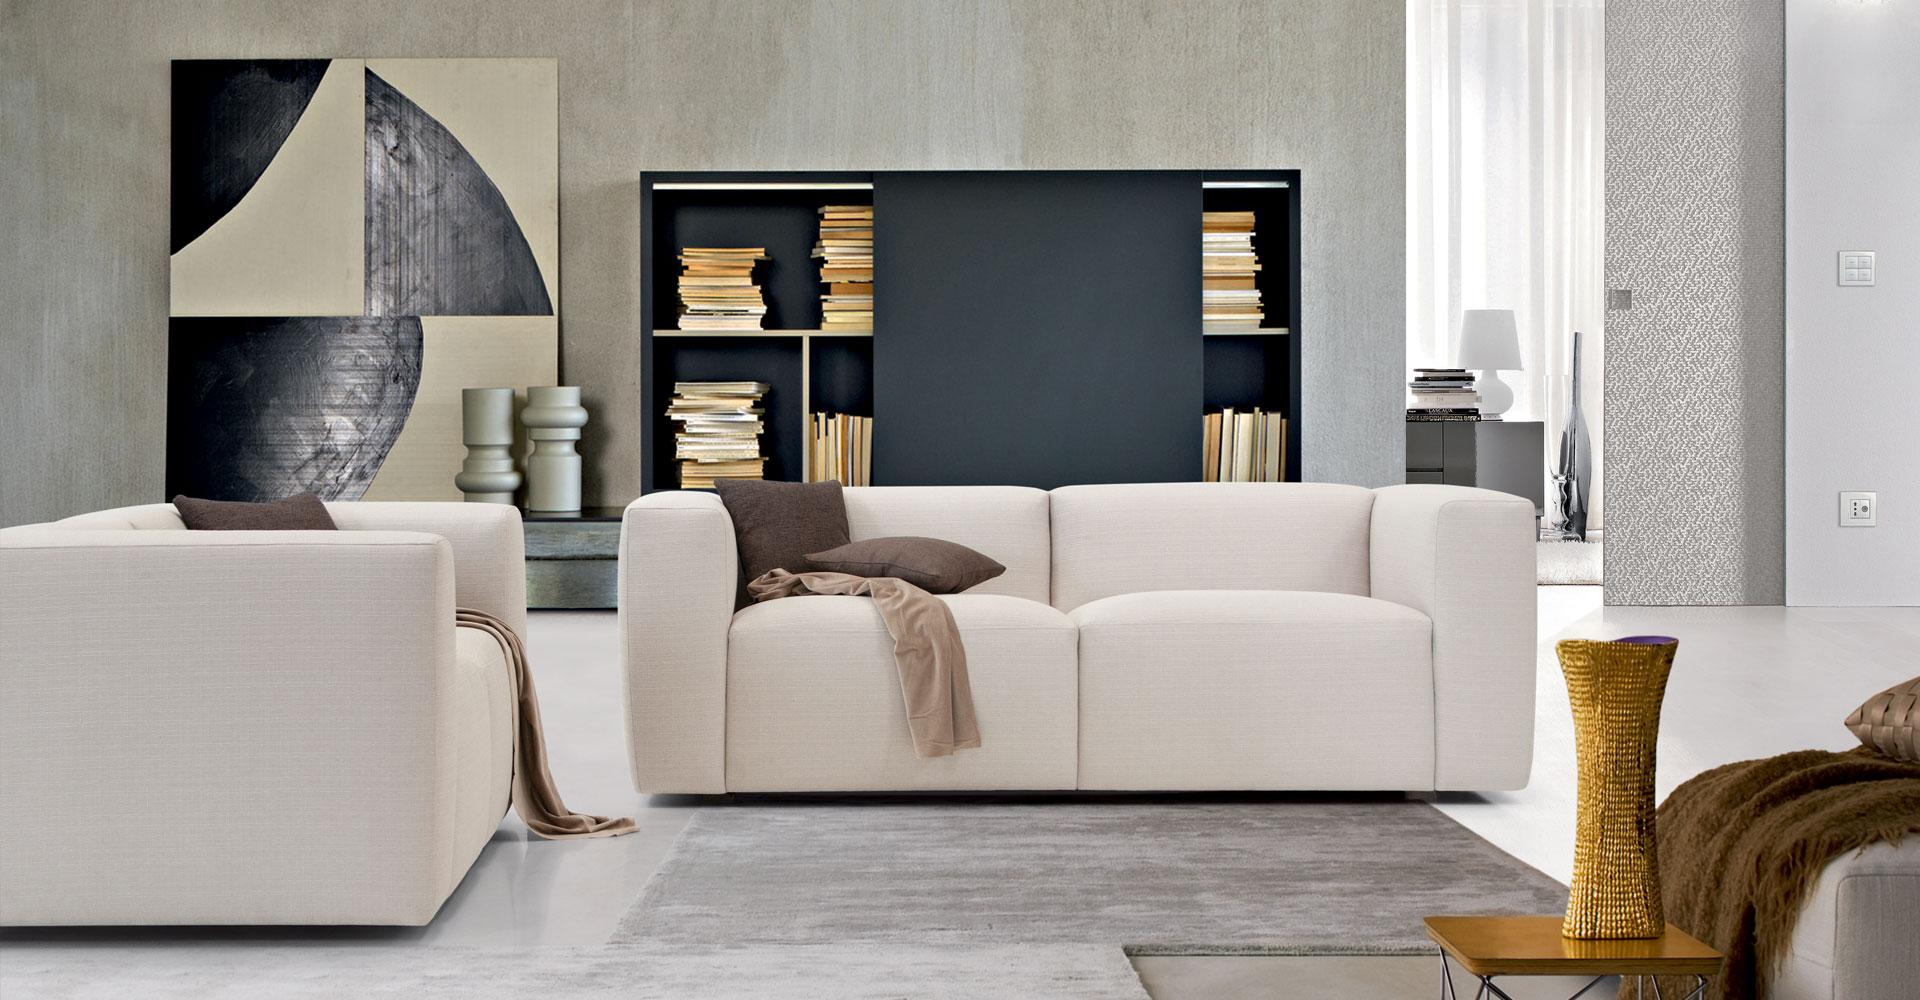 fabbrica divani brescia - 28 images - spazio salotti fabbrica divani ...